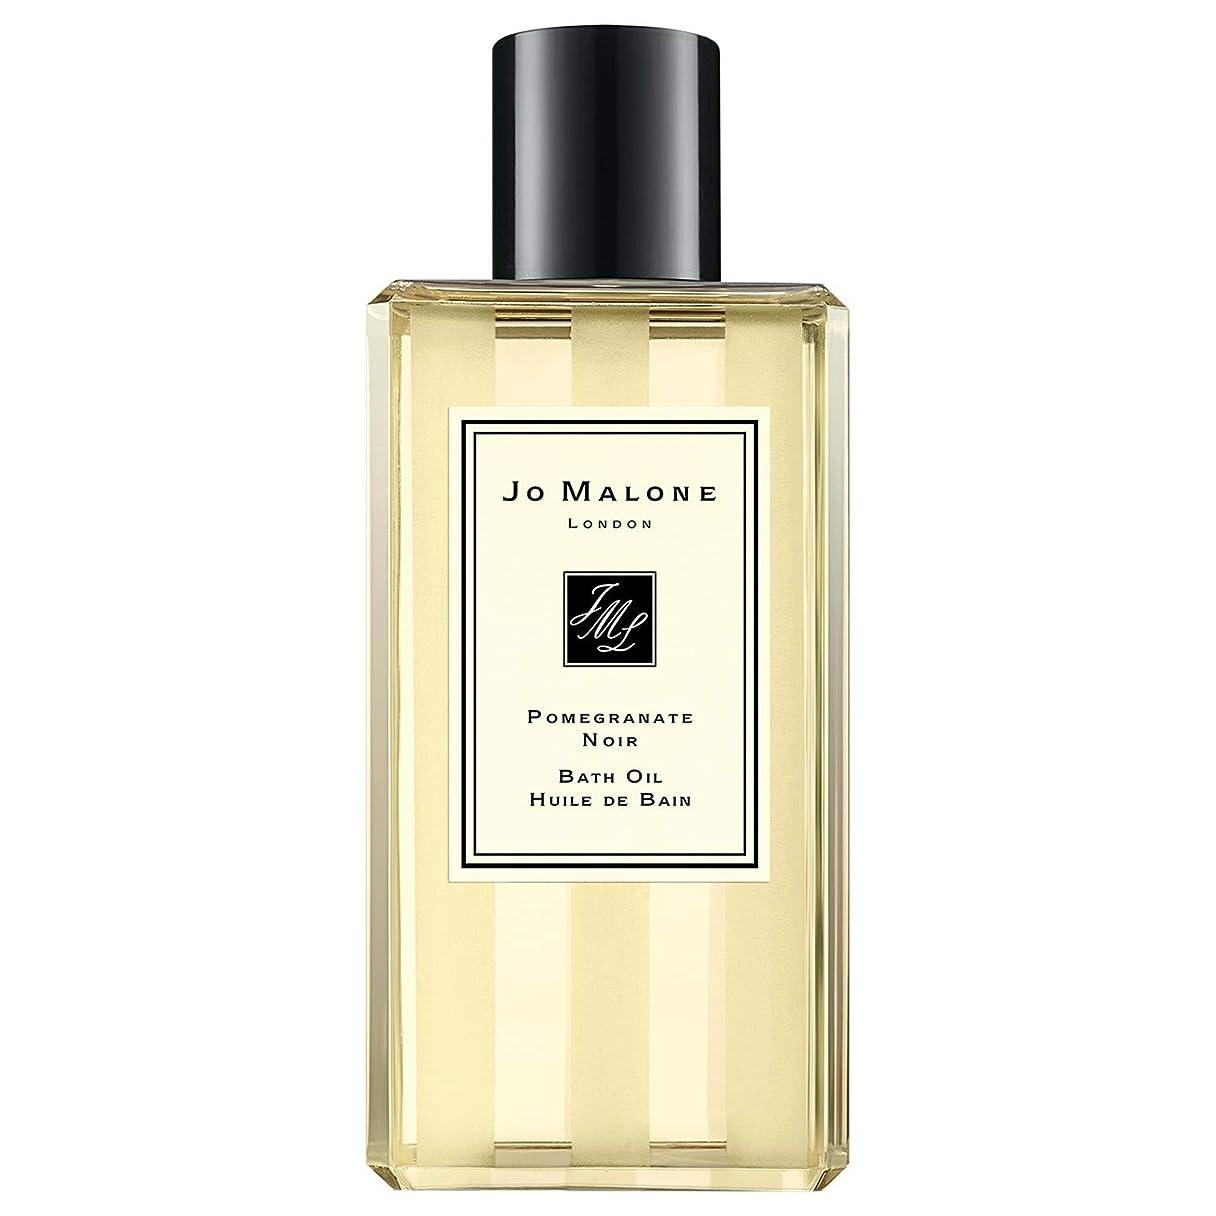 結婚する非互換恵み[Jo Malone ] ジョーマローンロンドンザクロノワールバスオイル250ミリリットル - Jo Malone London Pomegranate Noir Bath Oil 250ml [並行輸入品]